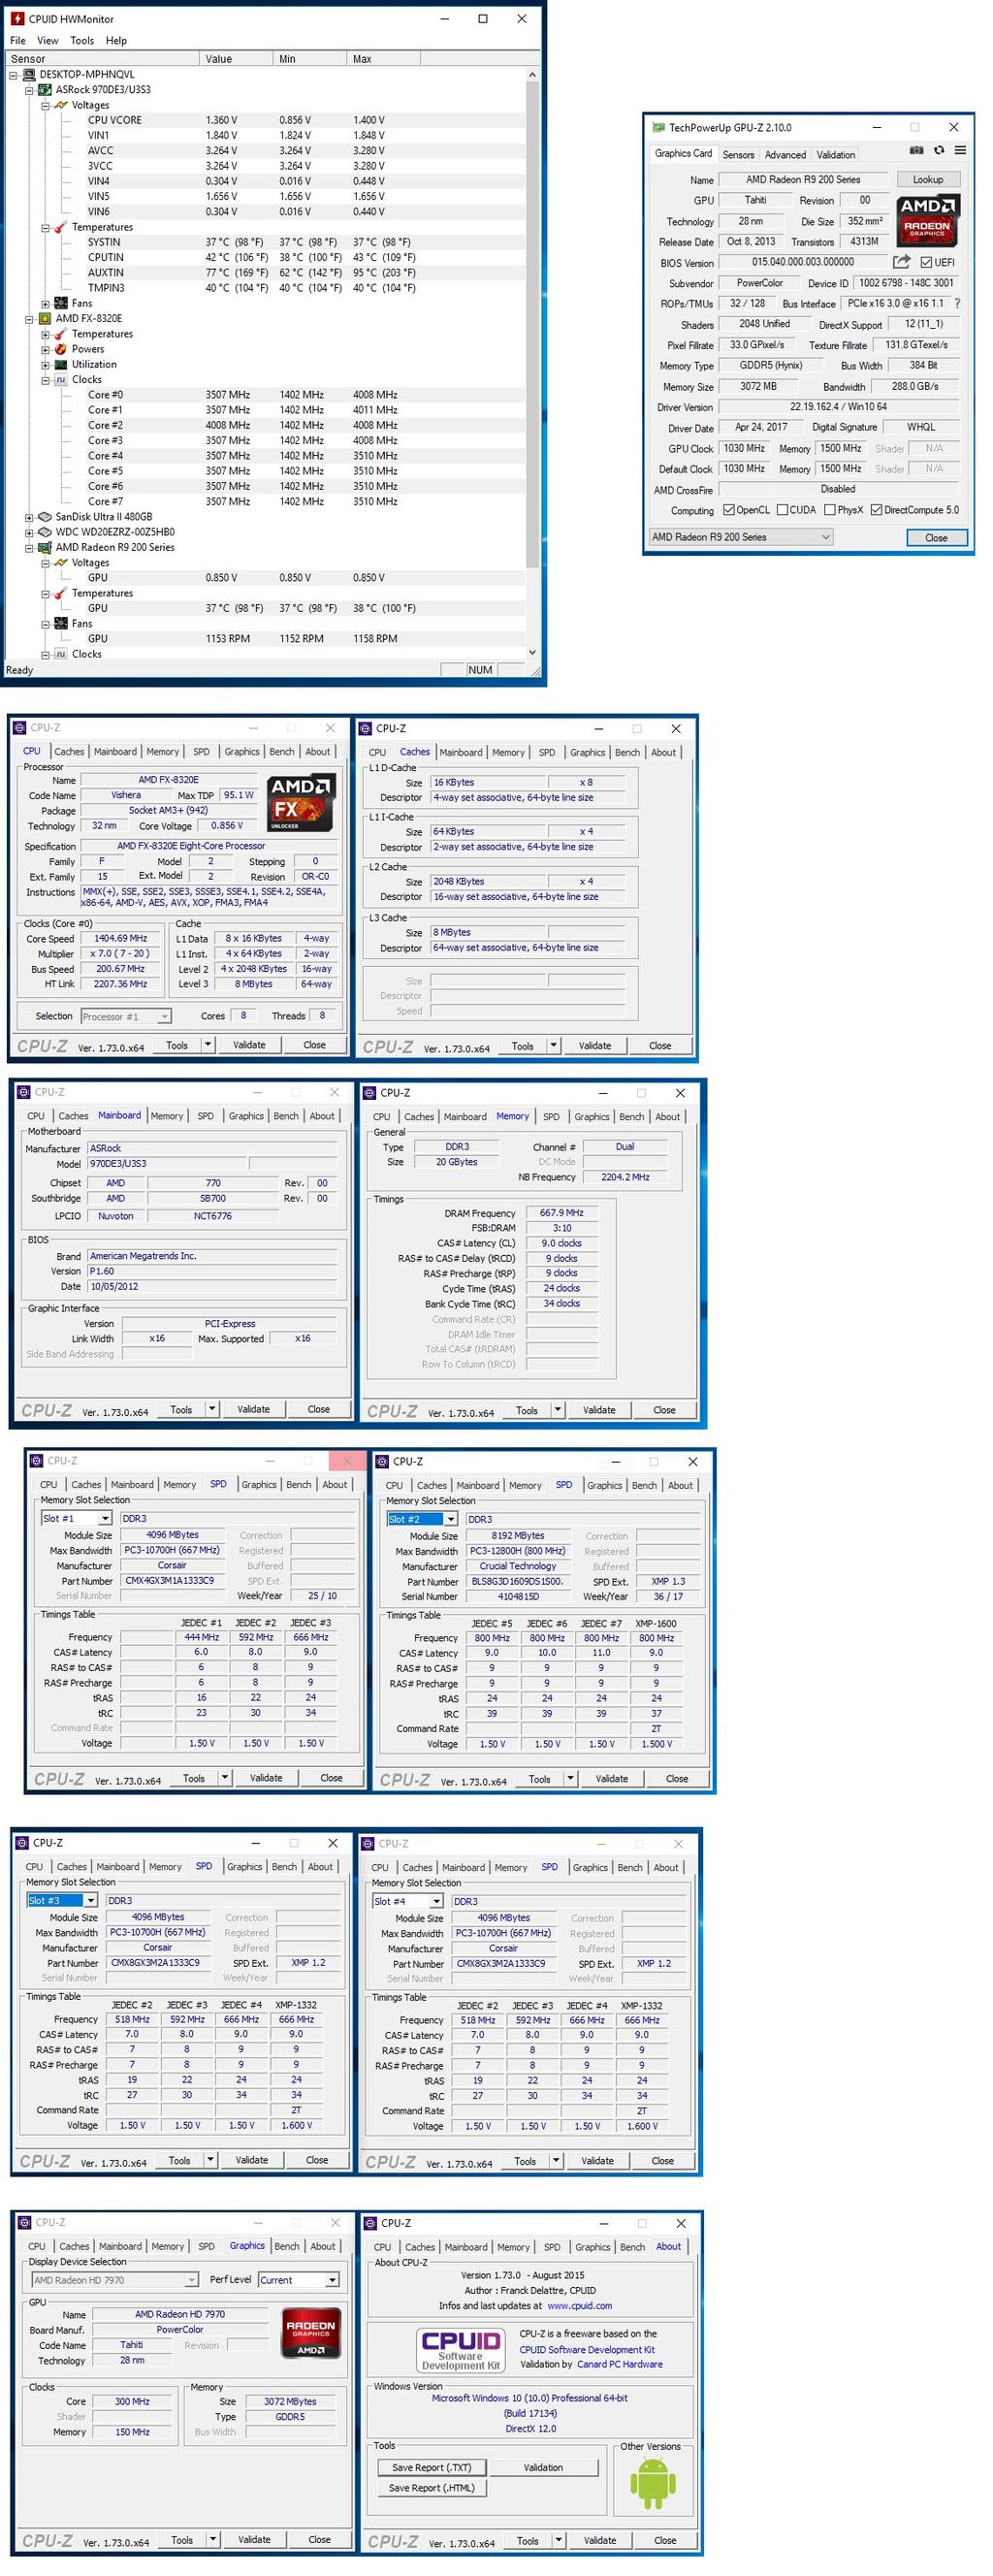 33723321ey - Fehler mit Windows-Dateien